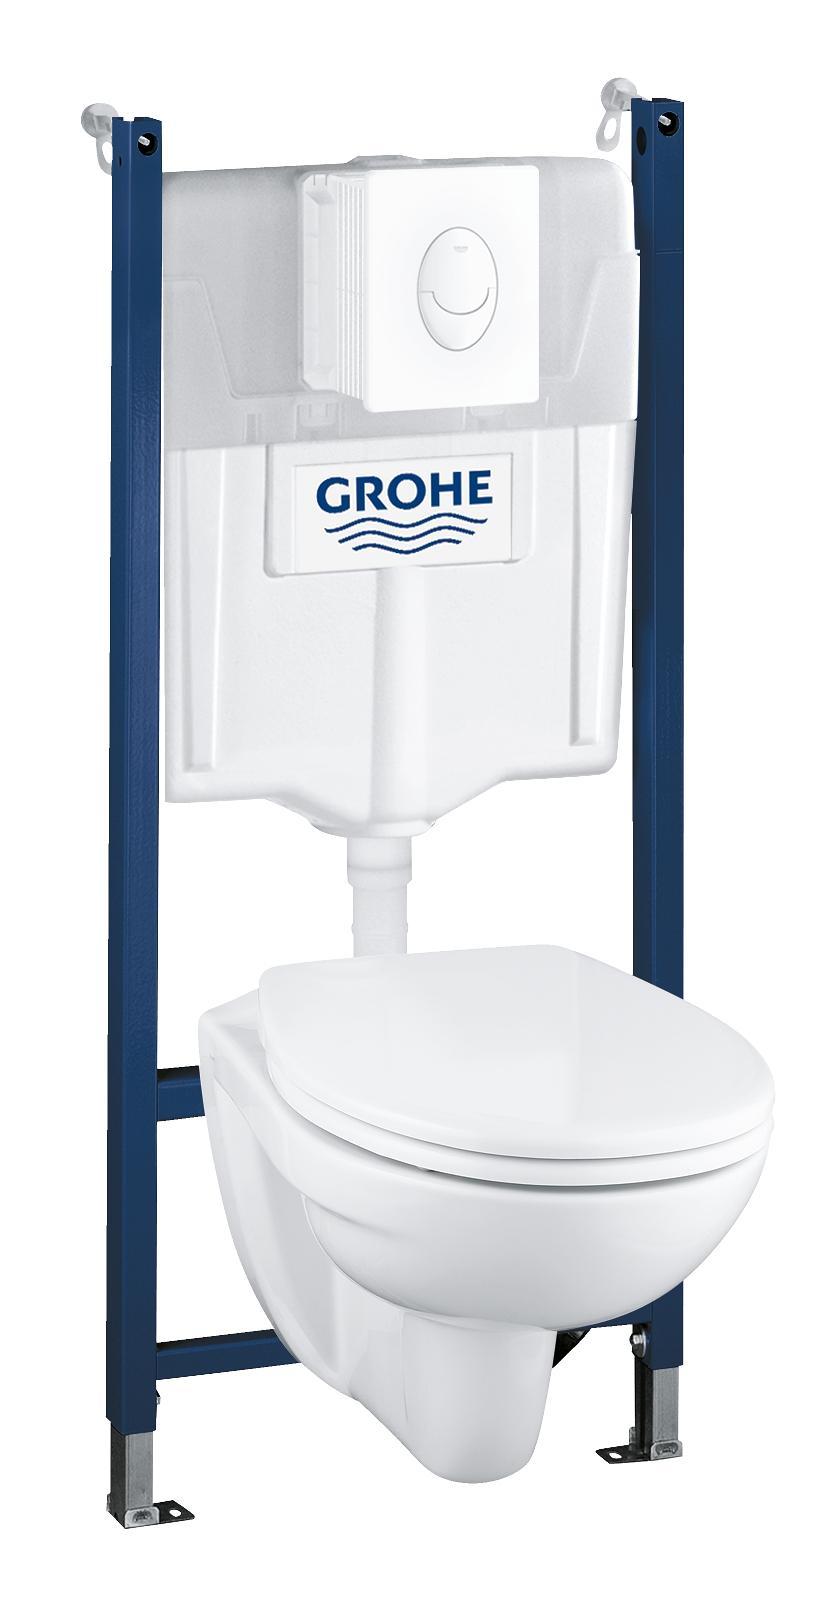 Набор GROHE Solido: подвесной унитаз + система инсталляции с белой панелью смыва Skate Air (39116000)